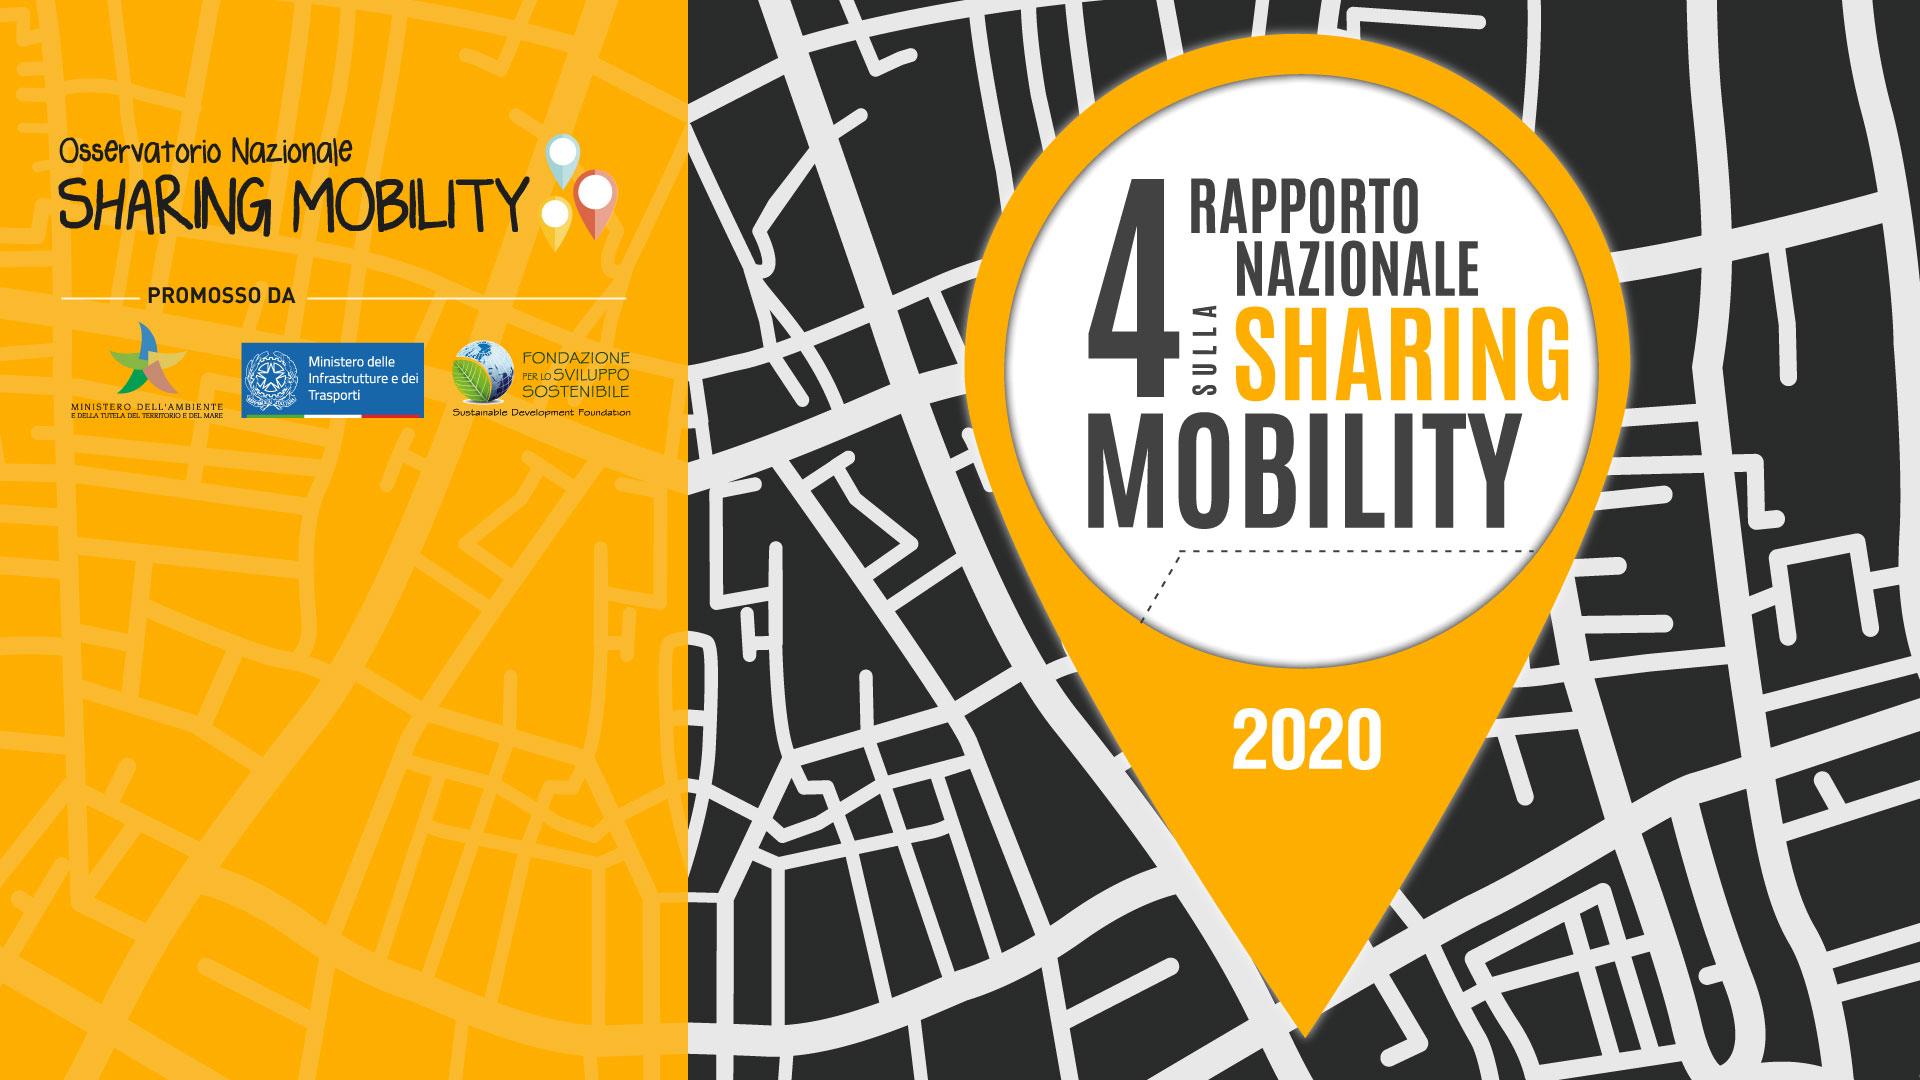 Sharing Mobility, cosa è successo nell'anno della pandemia? Leggi il rapporto